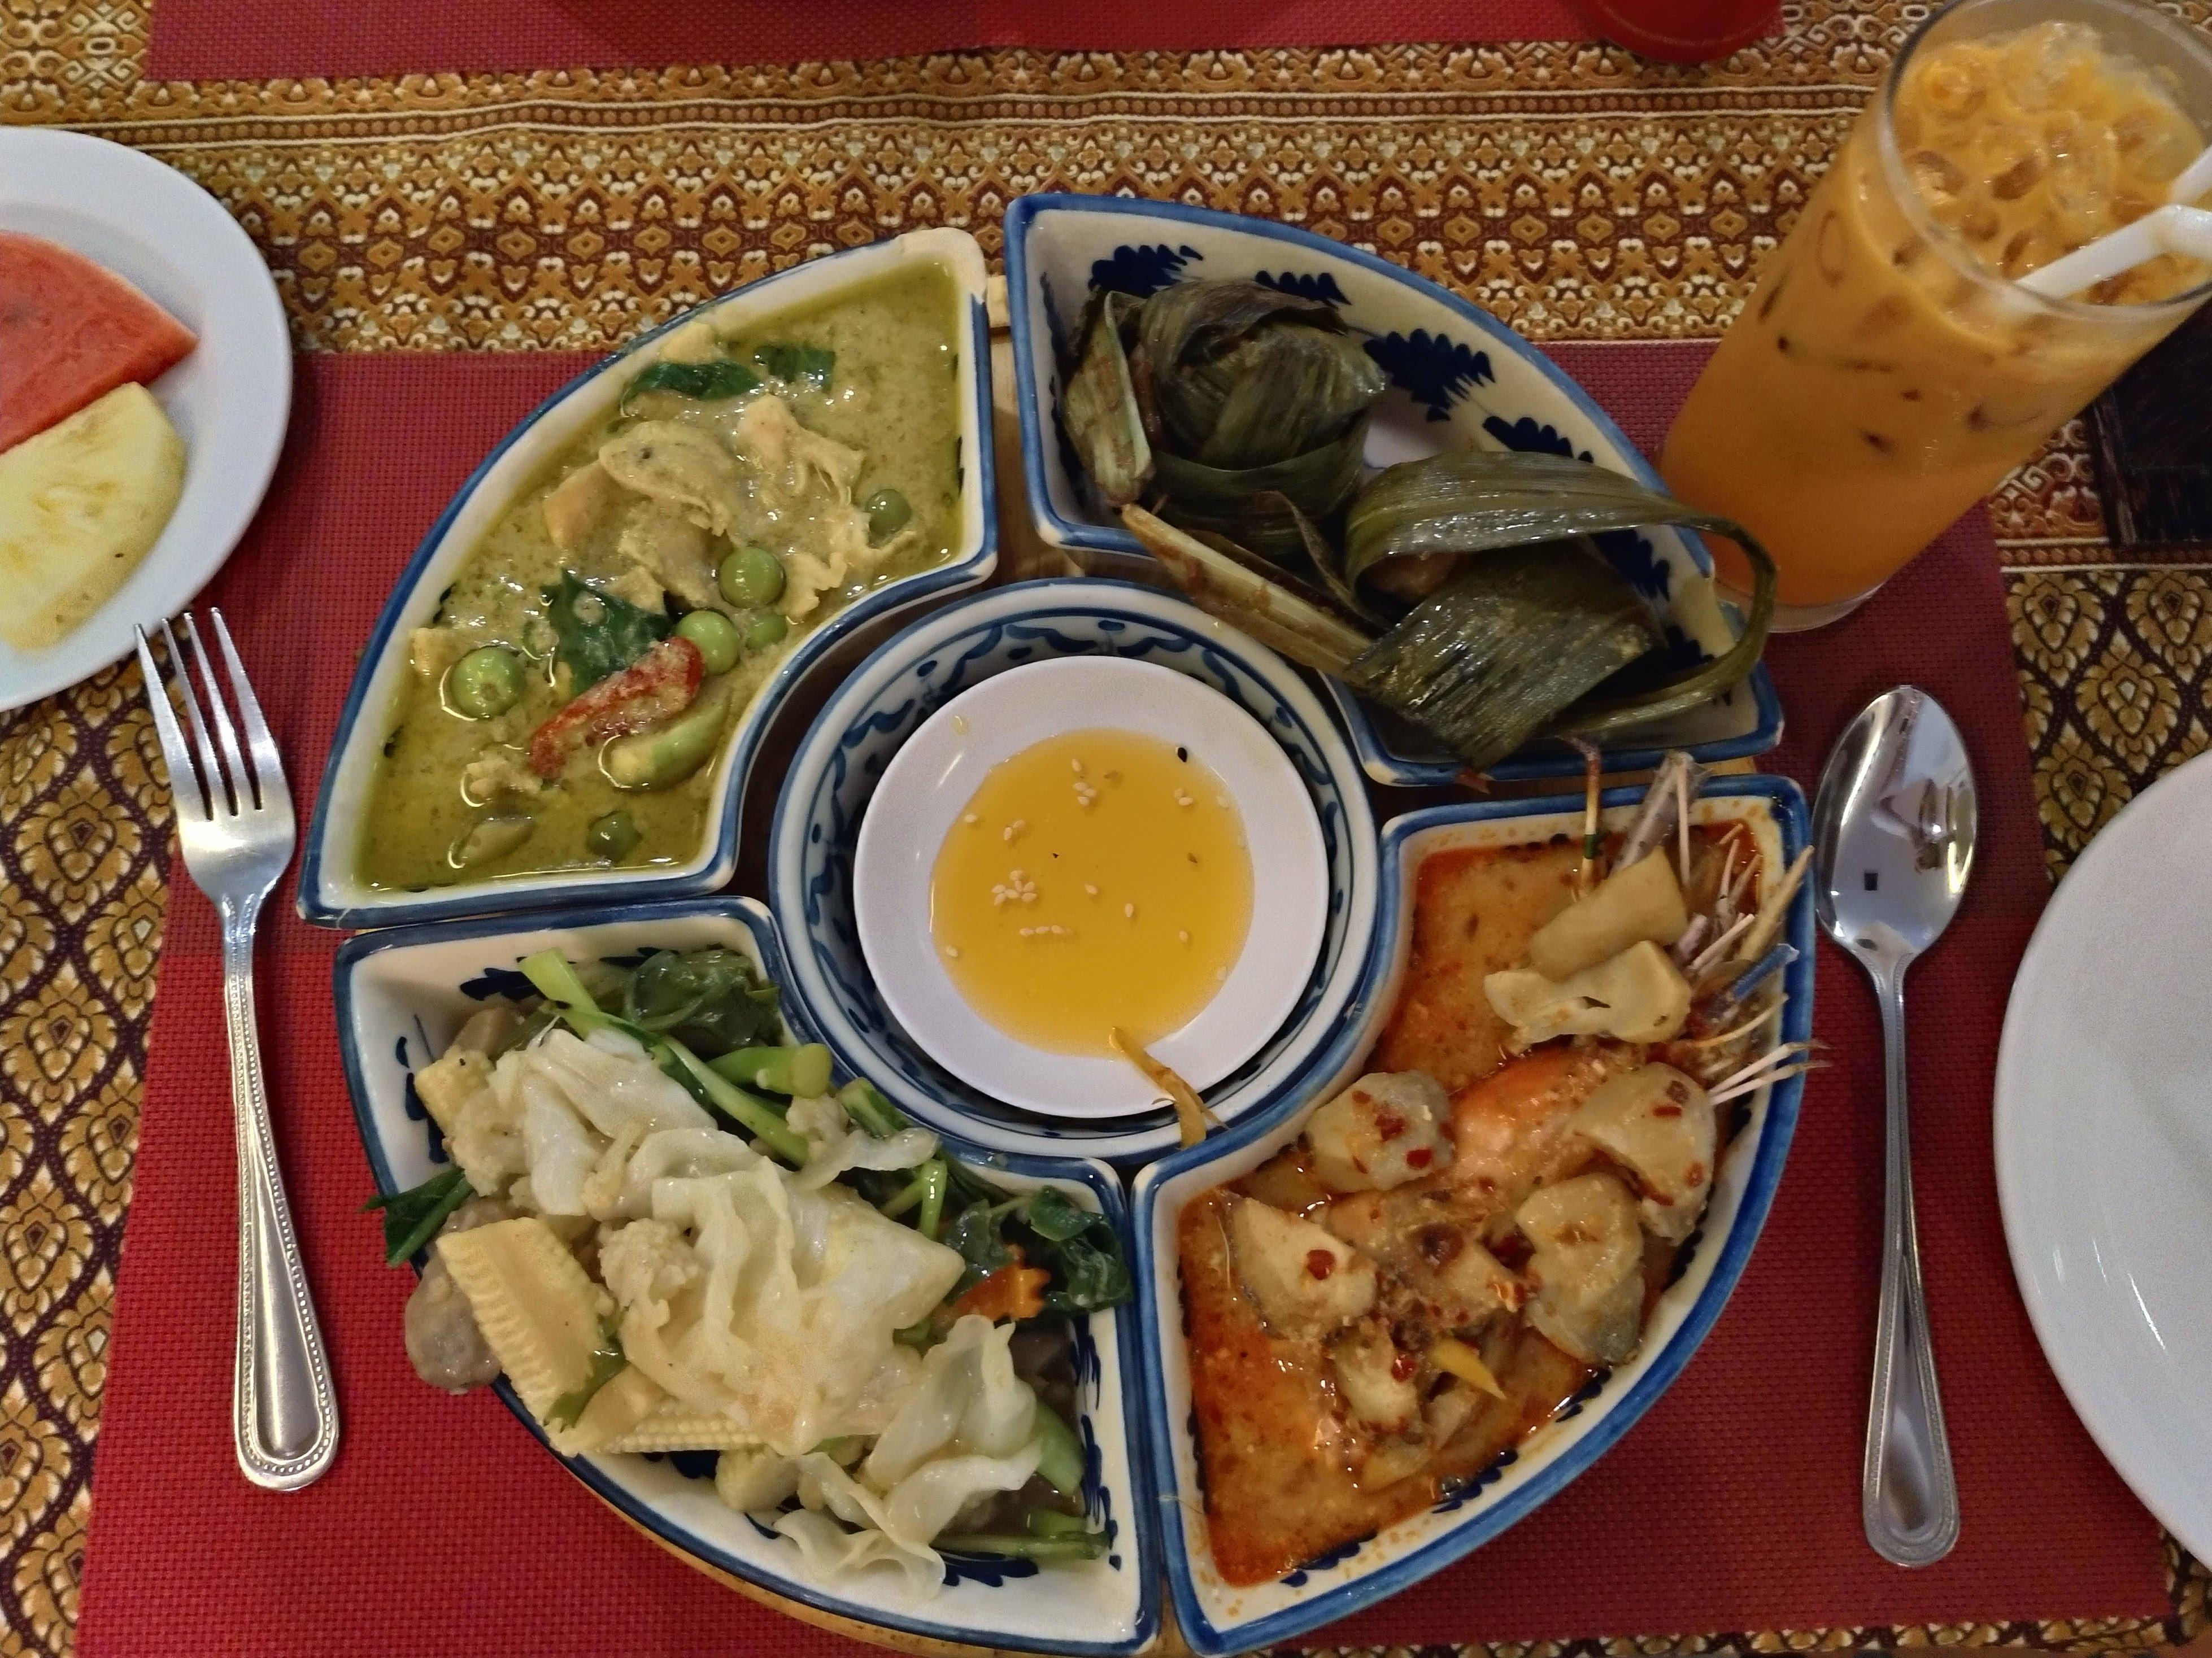 タイセット料理の昼食